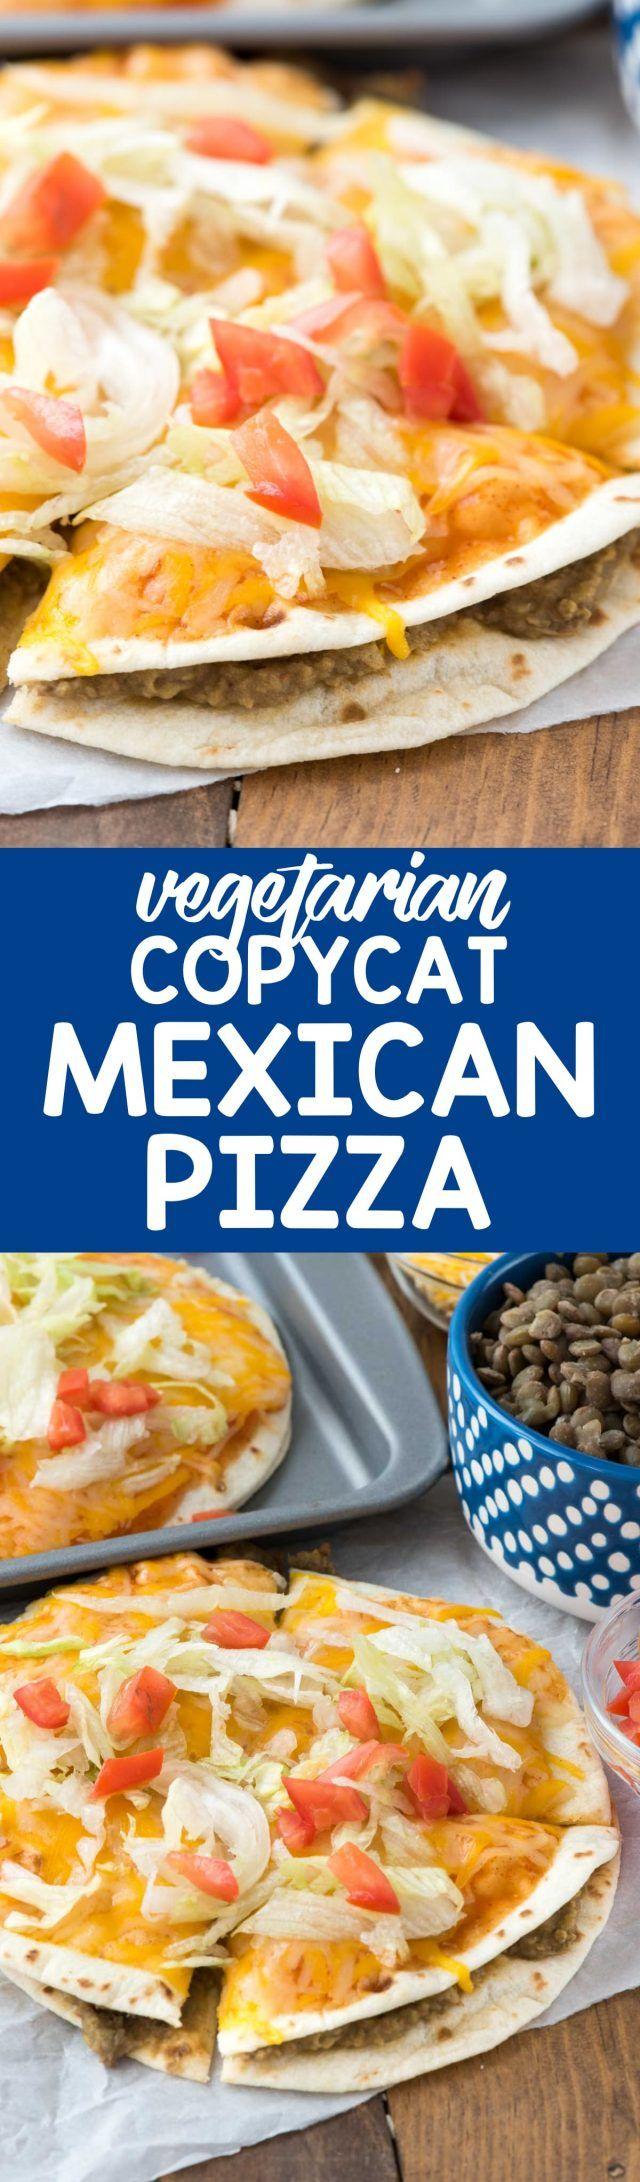 ¡Copycat Mexican Pizza, como en el restaurante de comida rápida, pero es más saludable y vegetariano y puedes hacerlo en casa!